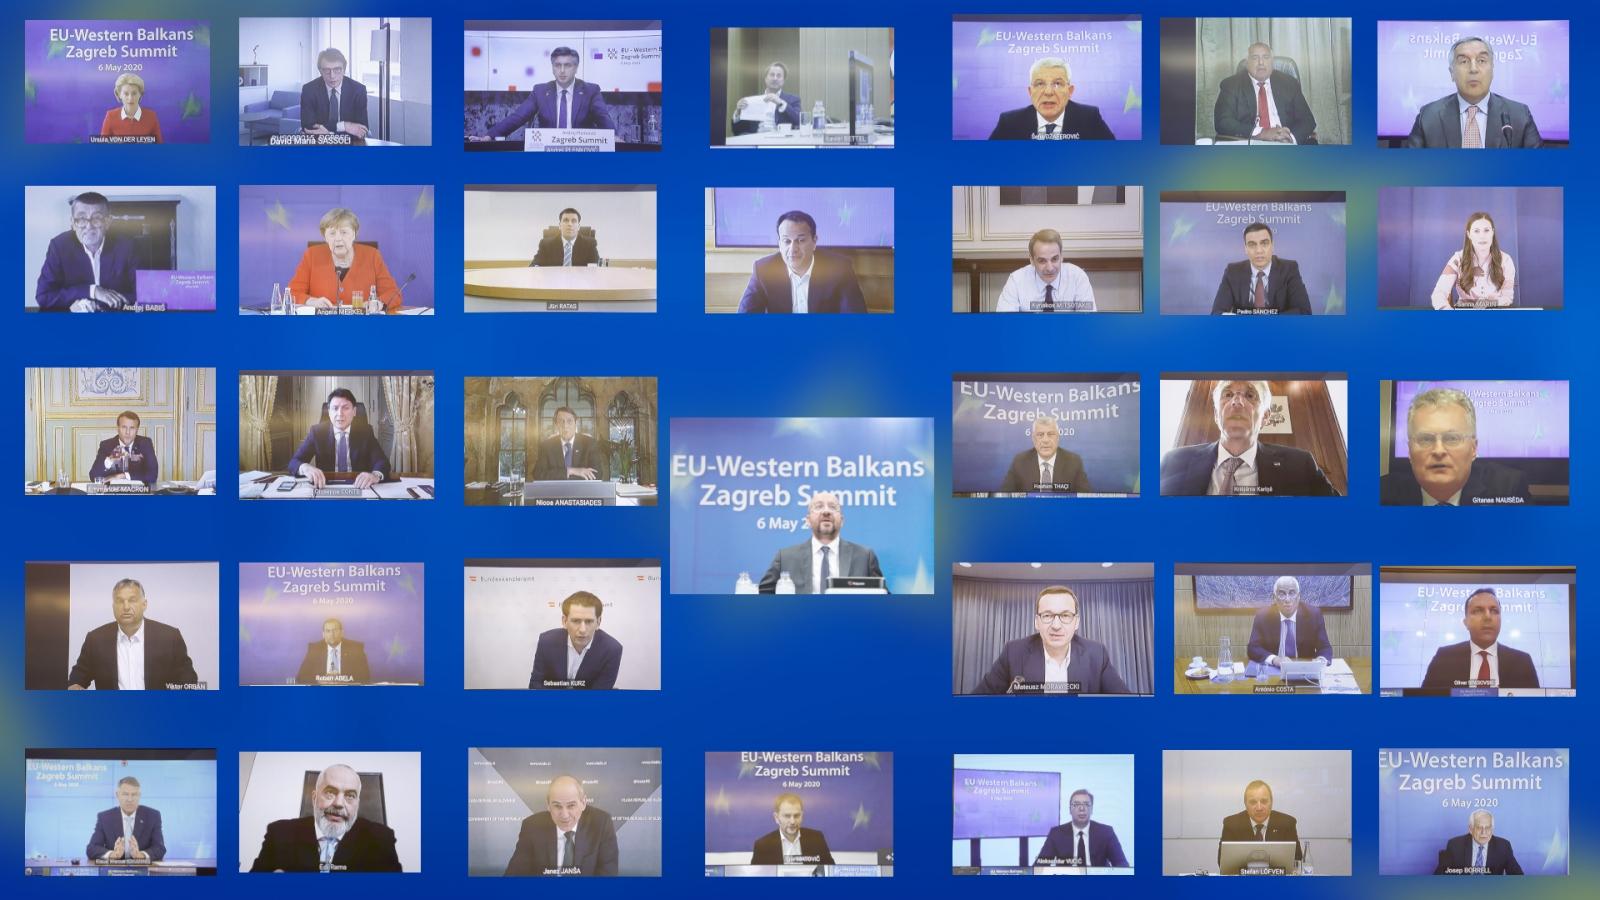 Các nước Tây Balkan cam kết cải thiện toàn diện để hội nhập EU